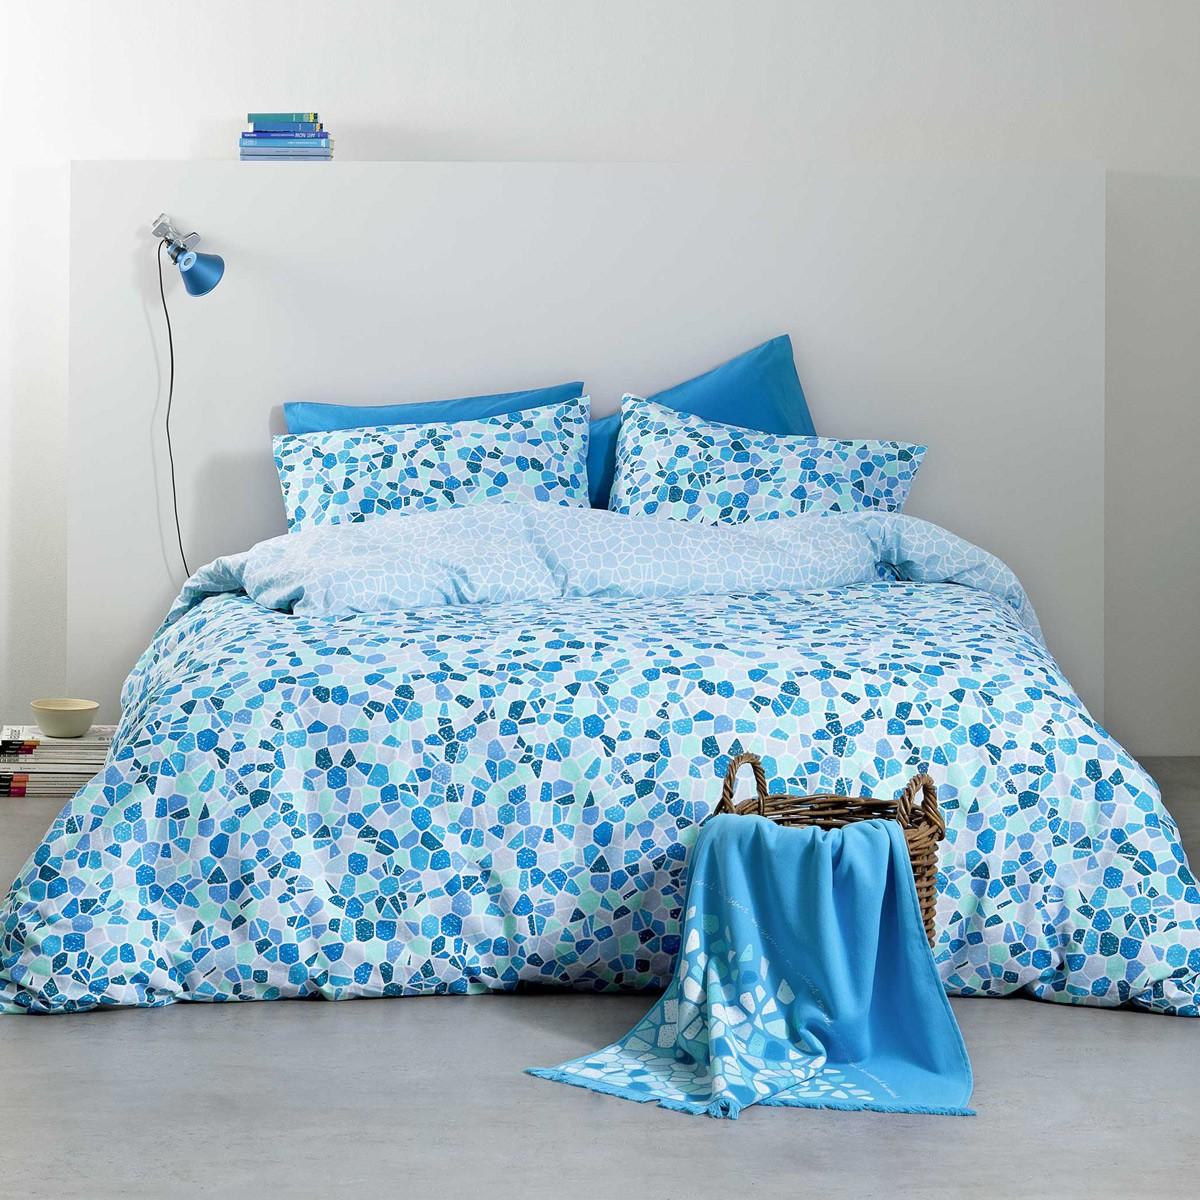 Κουβερλί Υπέρδιπλο Nima Bed Linen Boracay Blue